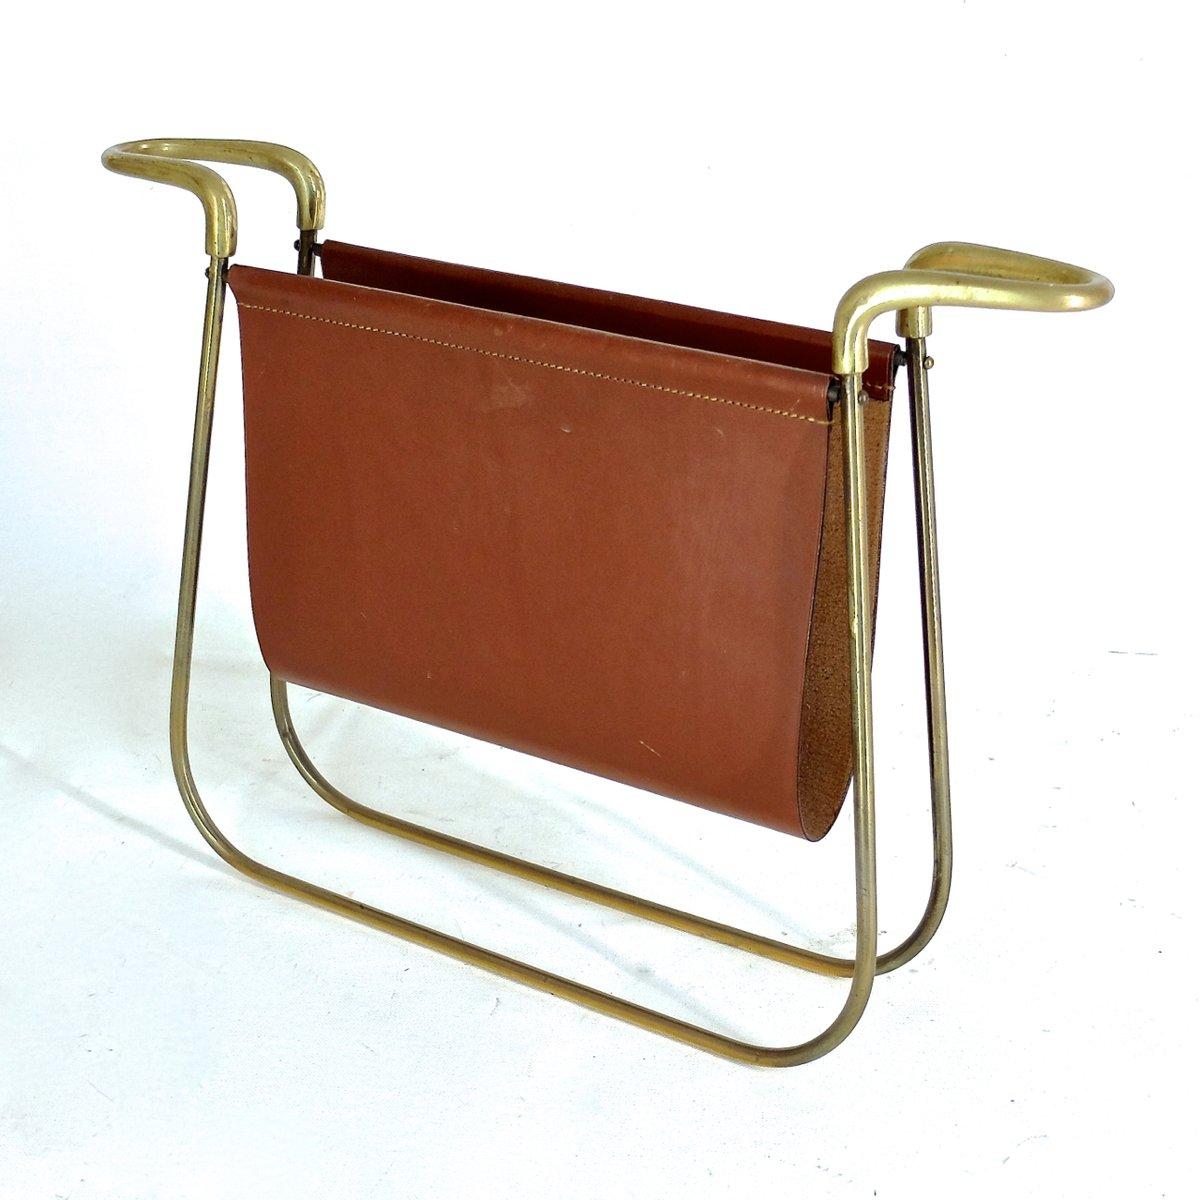 zeitschriftenst nder von carl aub ck f r werkst tten aub ck wien 1951 bei pamono kaufen. Black Bedroom Furniture Sets. Home Design Ideas